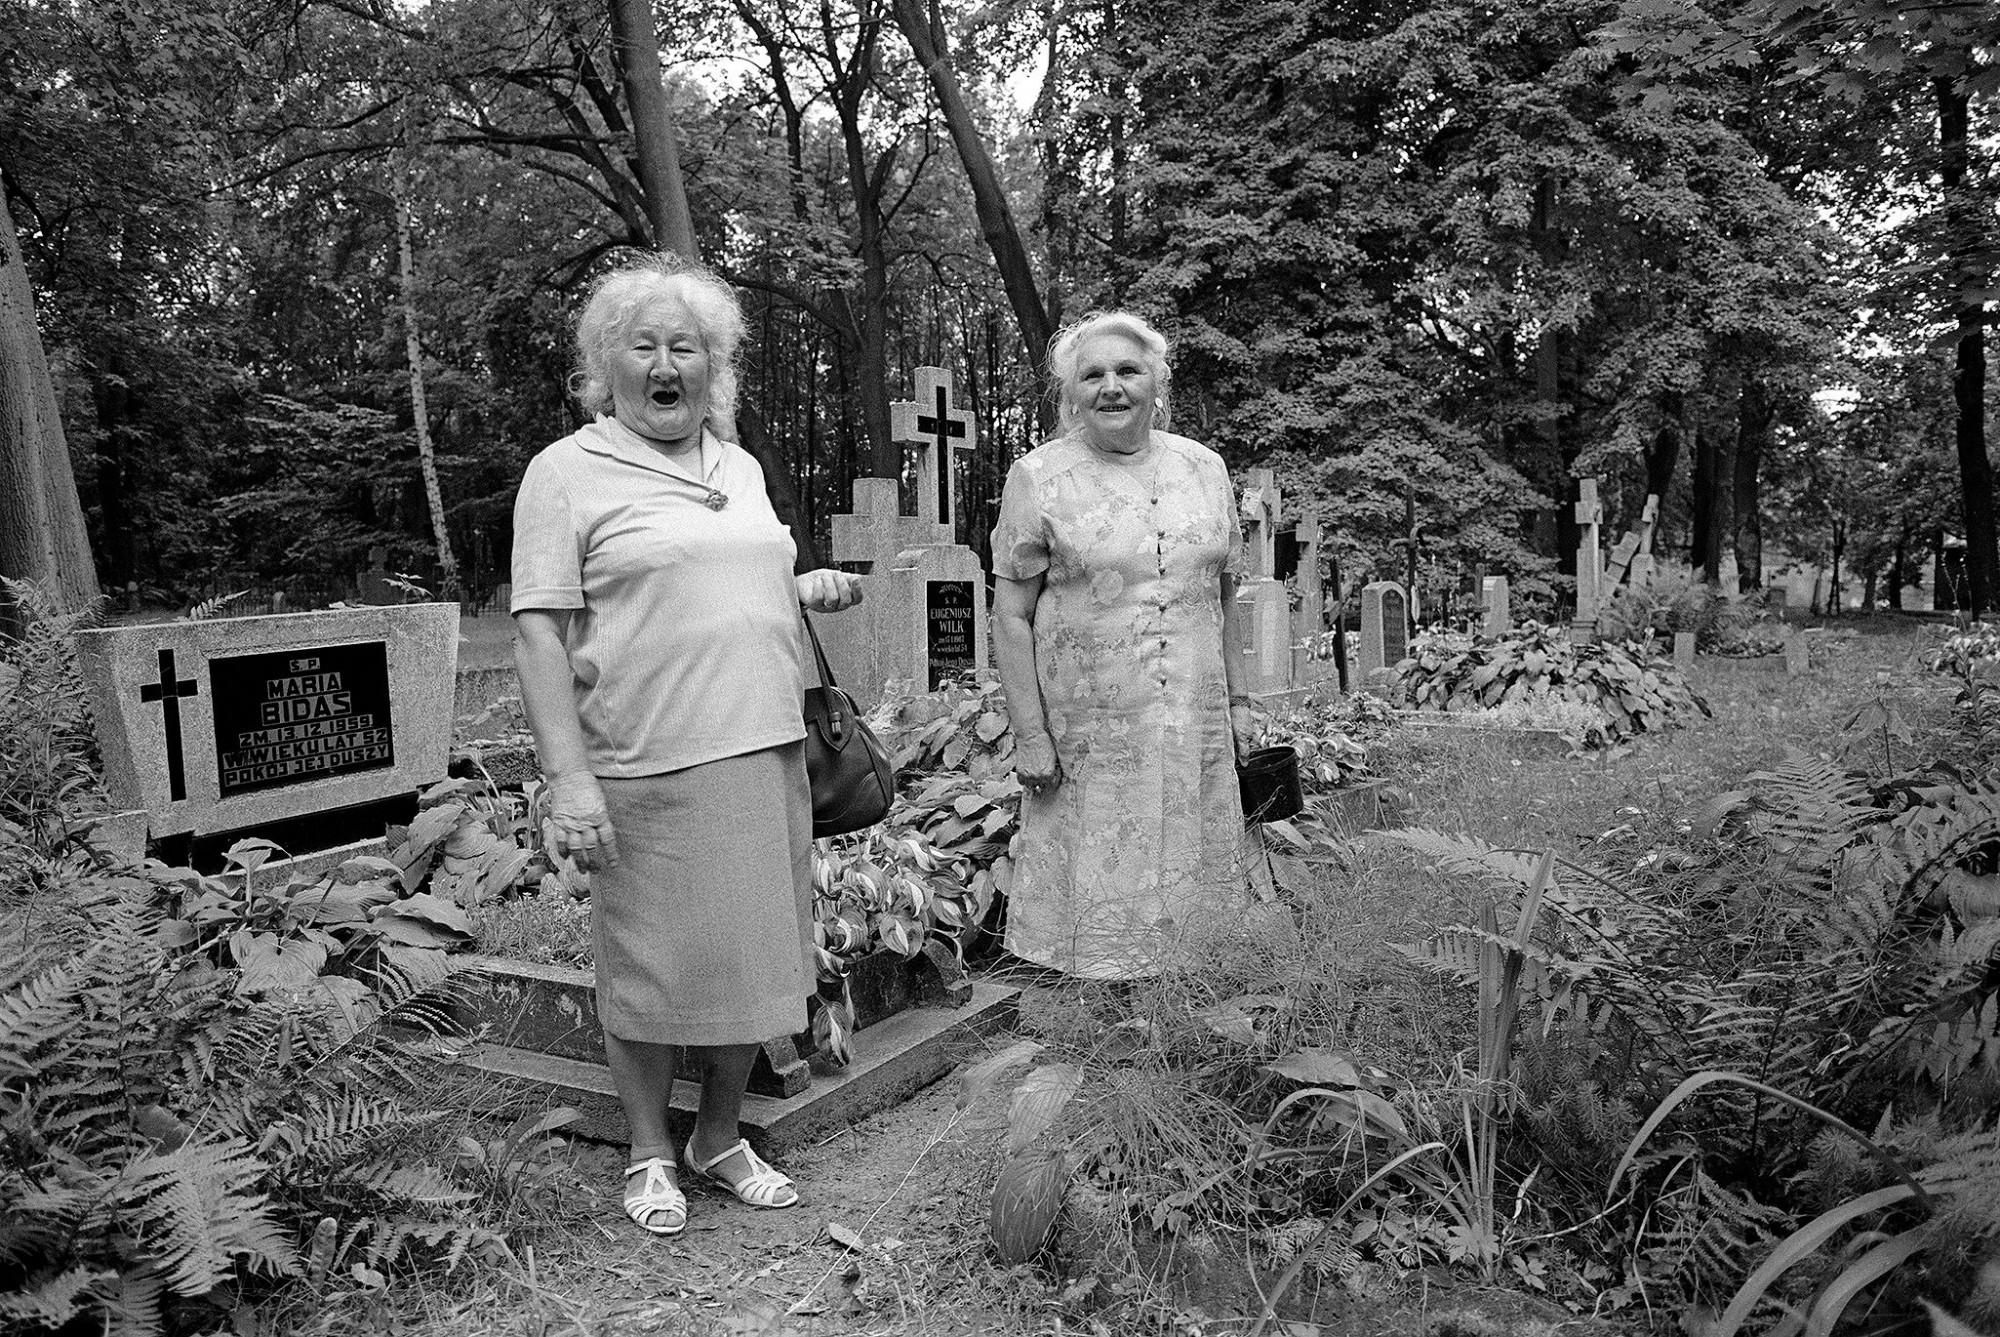 Afbeelding: ART- Fotografie © Dominique Van Huffel, uit de reeks: Polen, een kast op glazen poten. Vrouwen bezoeken kerkhof, Olzstijn.